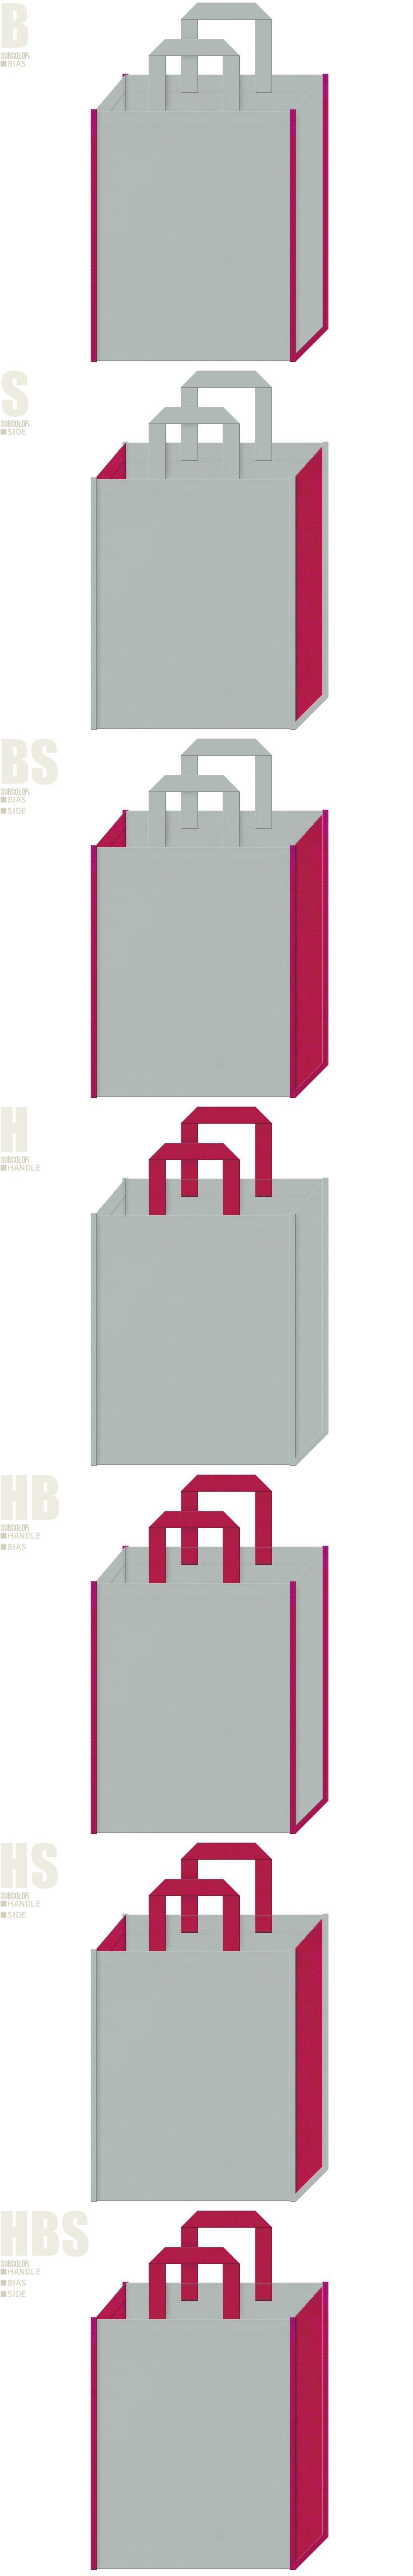 グレー色と濃いピンク色-7パターンの不織布トートバッグ配色デザイン例:ロボット・ラジコン・ホビーにお奨めです。